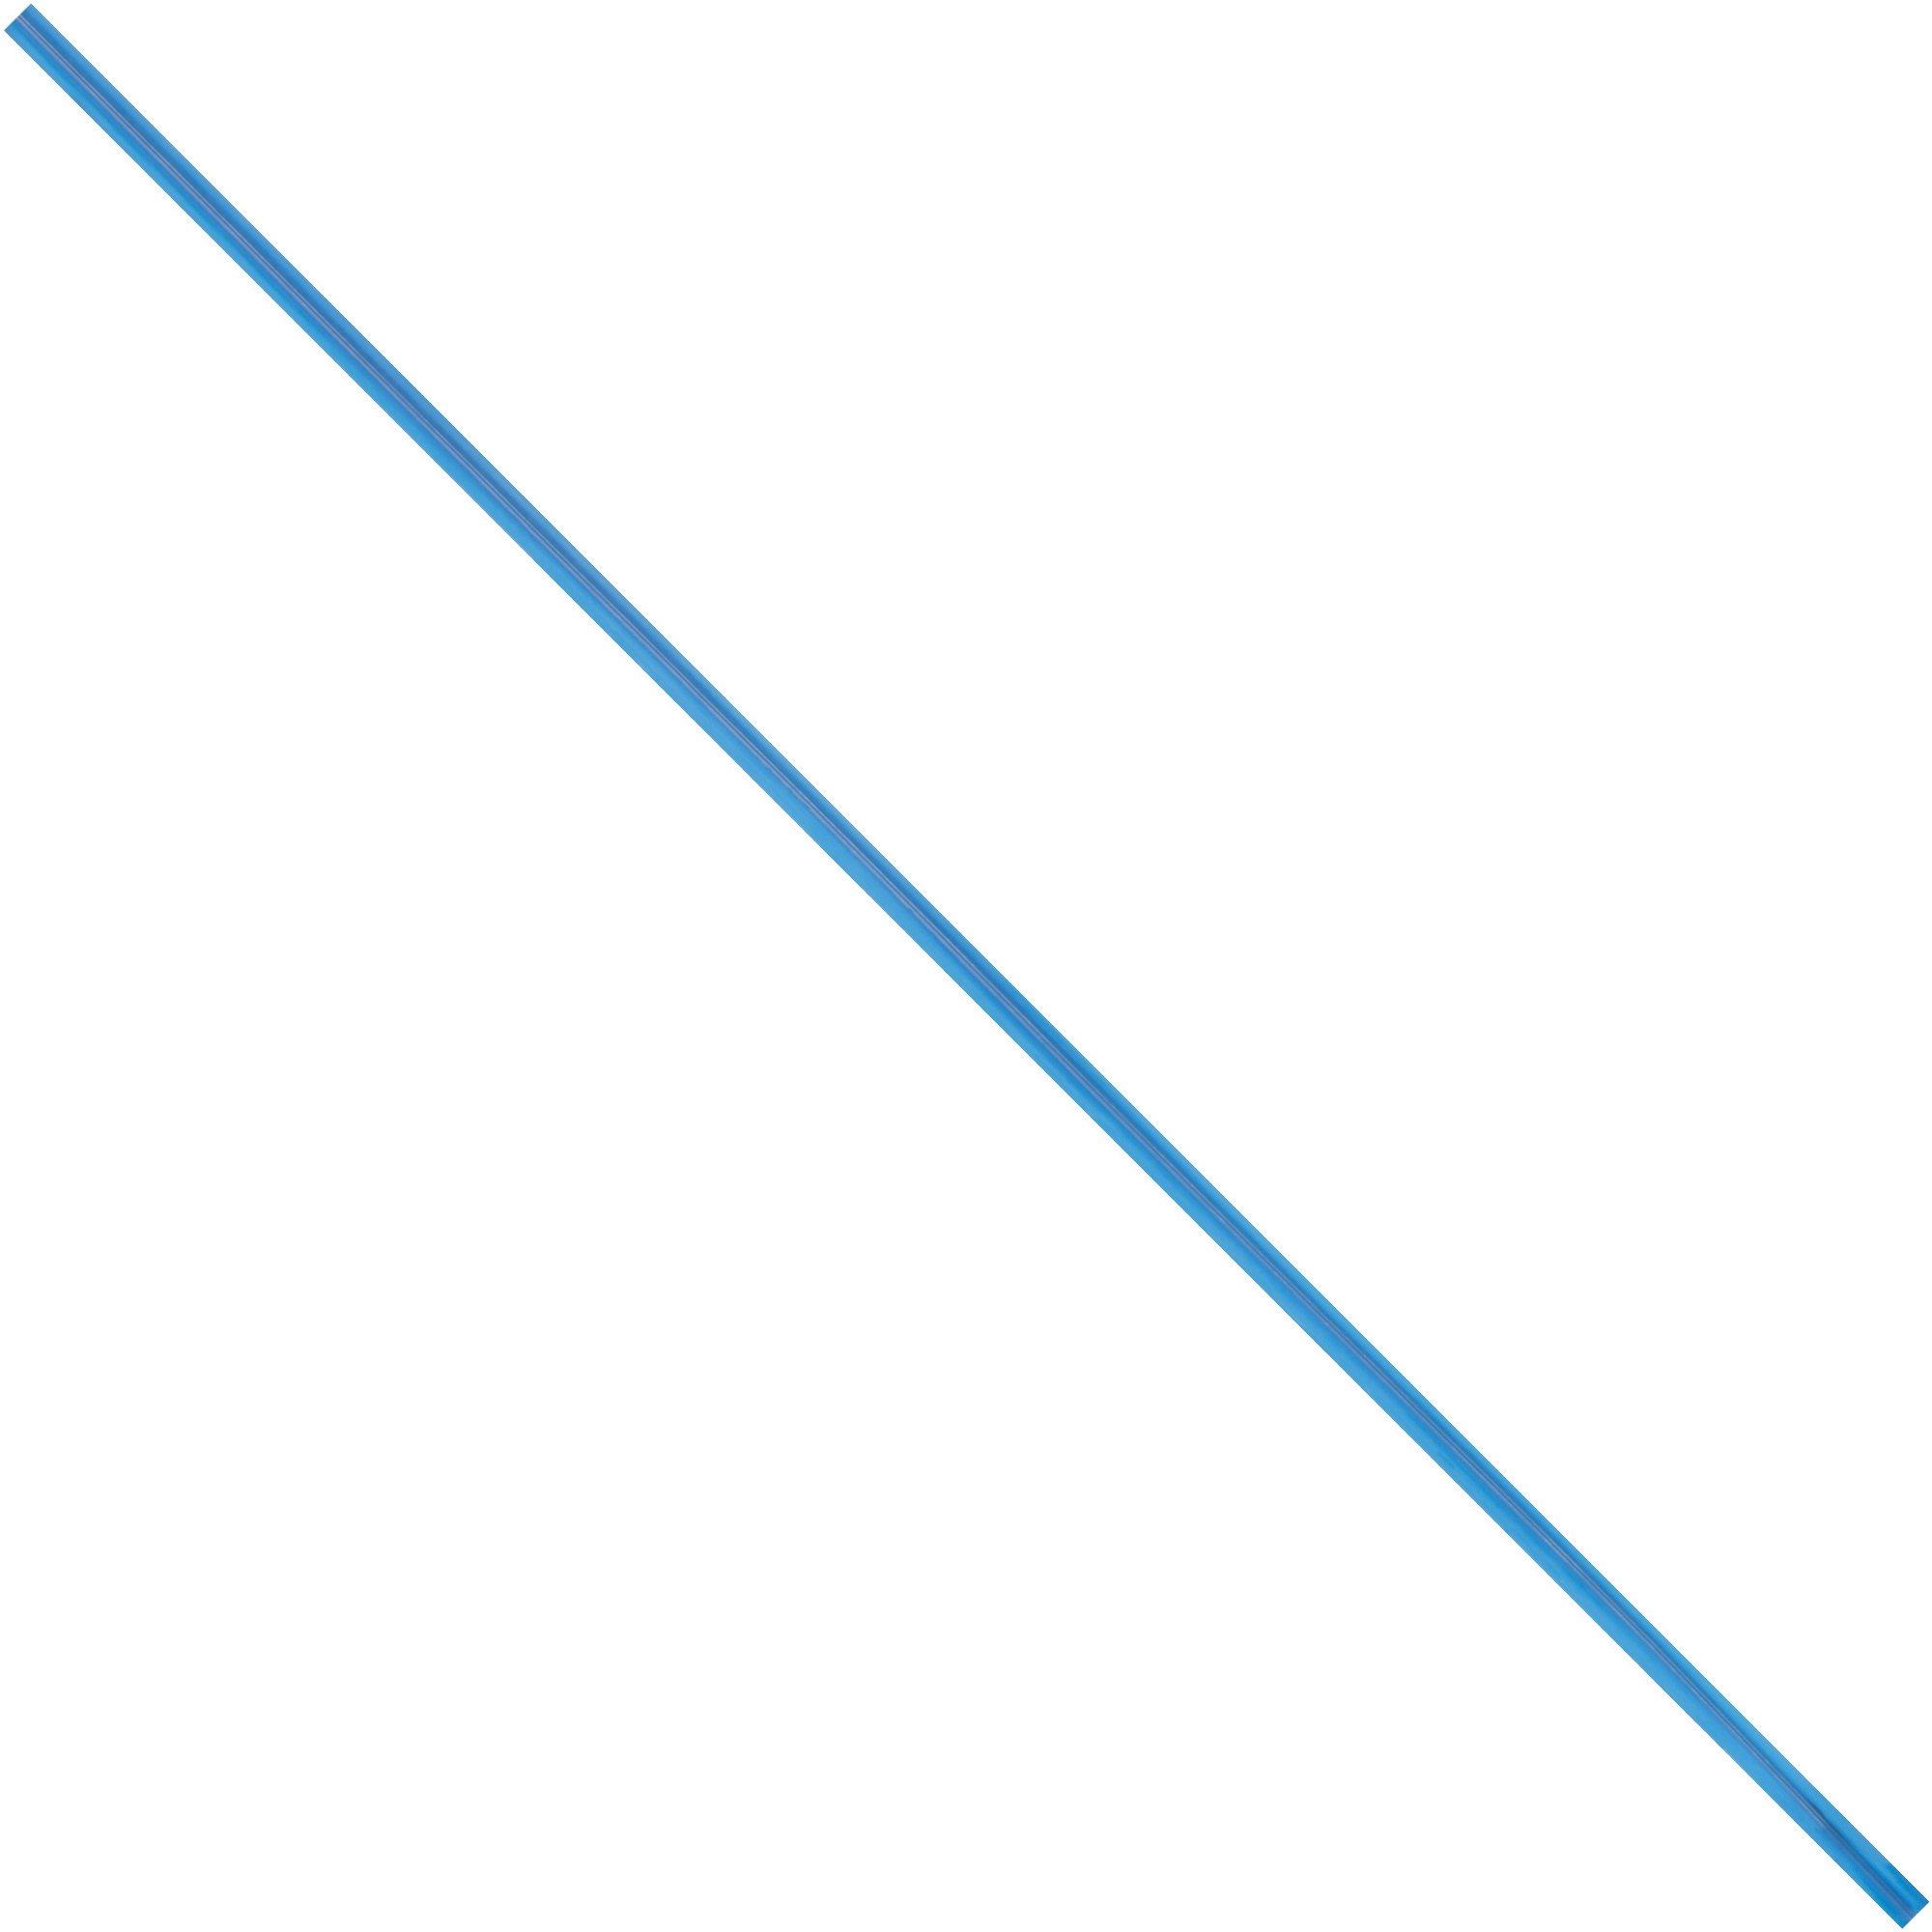 BOX USA BPLT10B Plastic Twist Ties, 10'' x 5/32'', Blue (Pack of 2000)